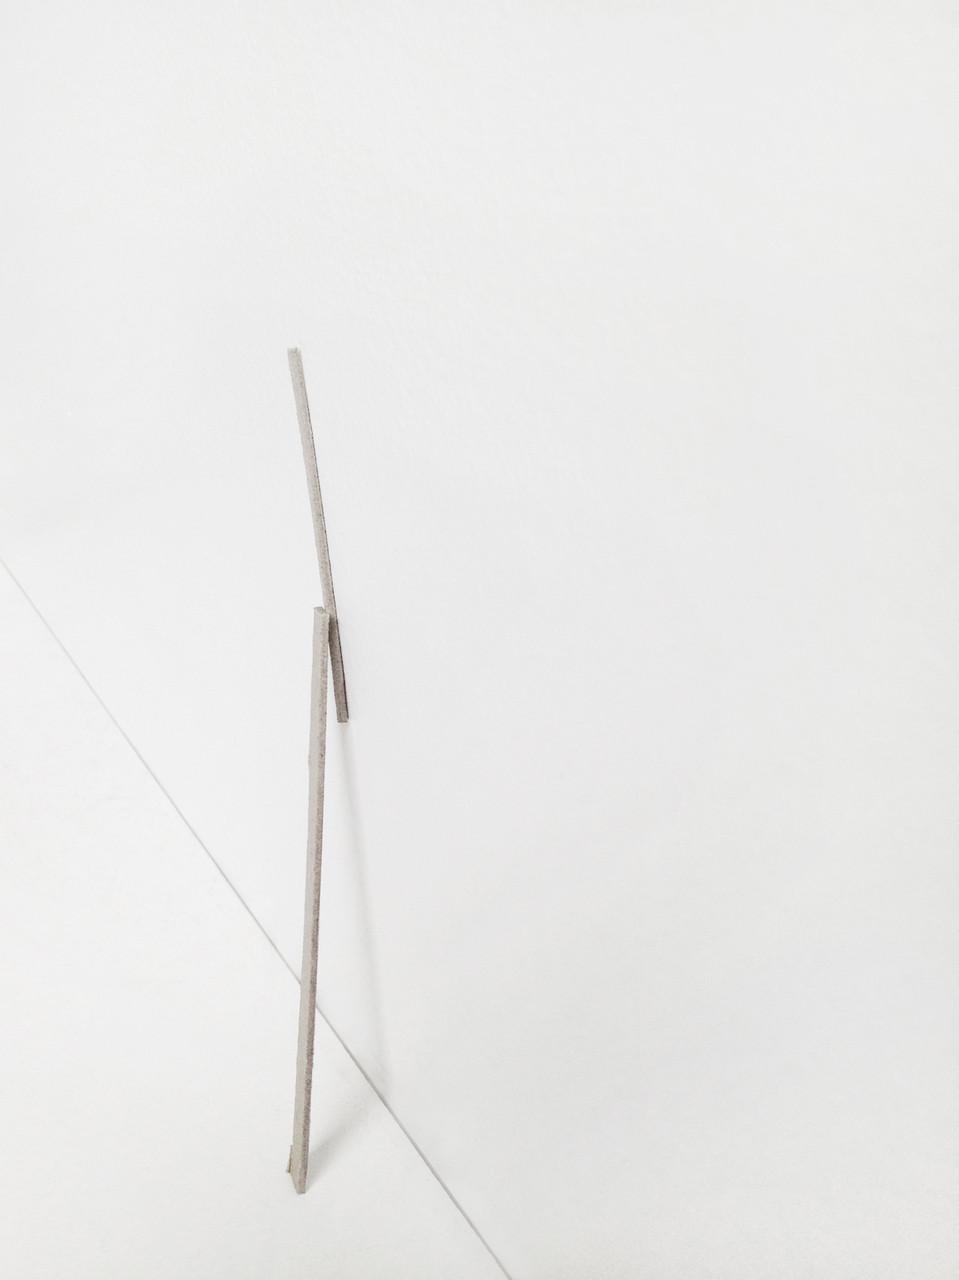 Estèla Alliaud, Sans titre (avec appui). Photographie tirage jet d'encre, 22 x 31,5 cm, 2015.